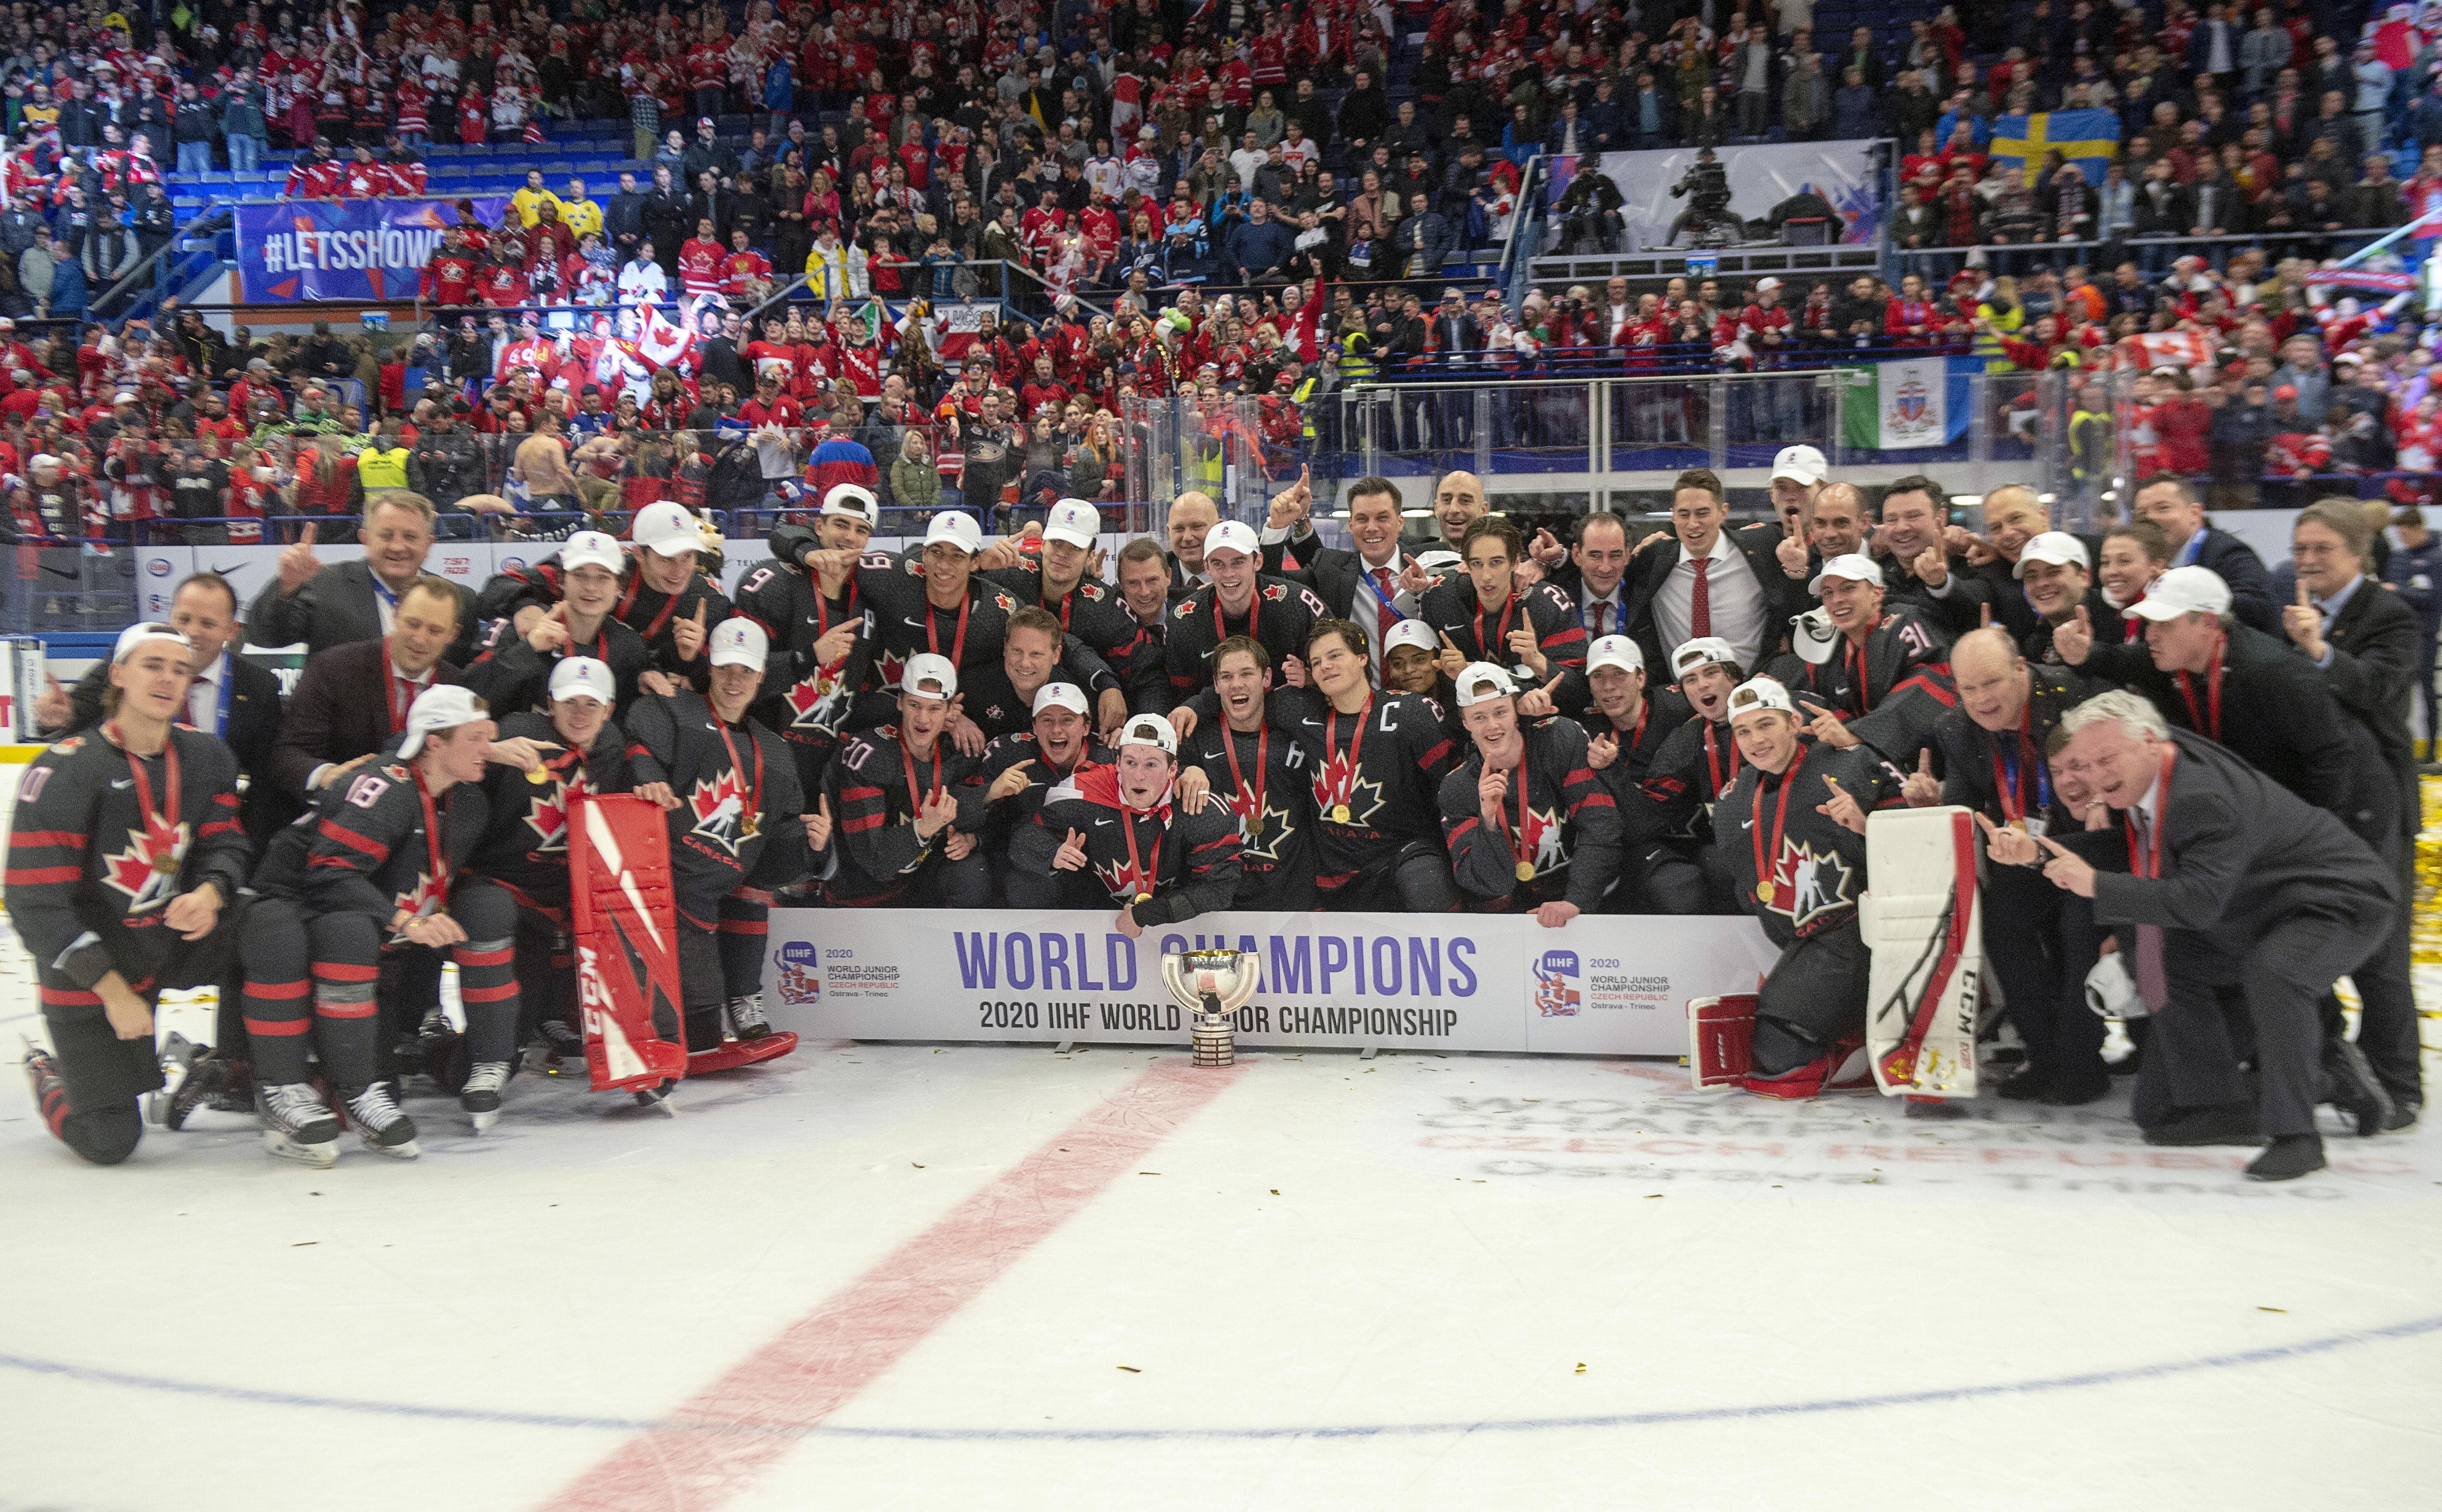 Un groupe de joueurs de hockey pose sur la glace avec la bannière des champions.